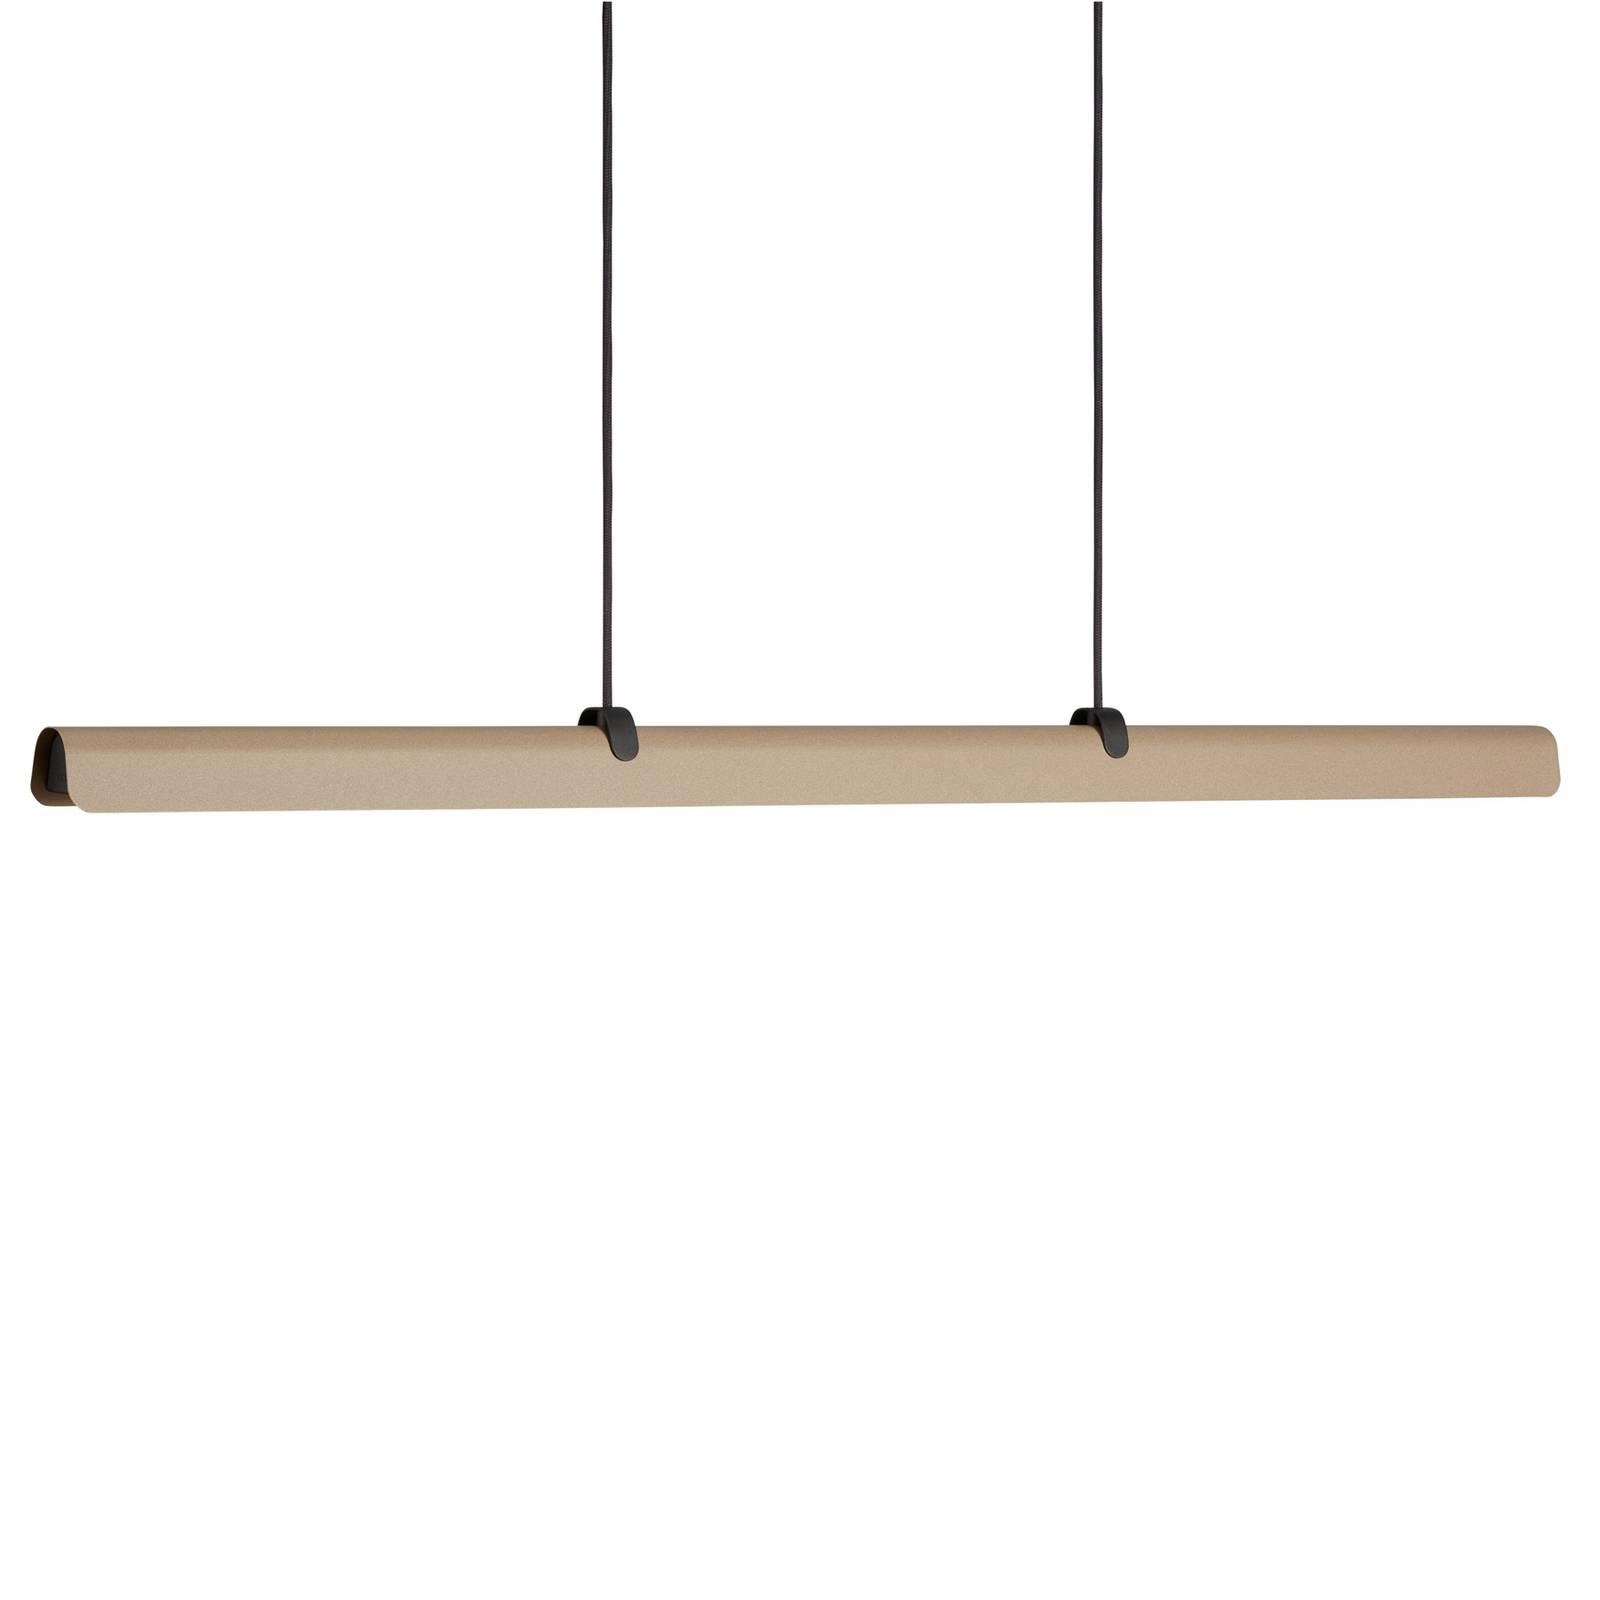 LED-Hängeleuchte Fold, dimmbar, sandfarben